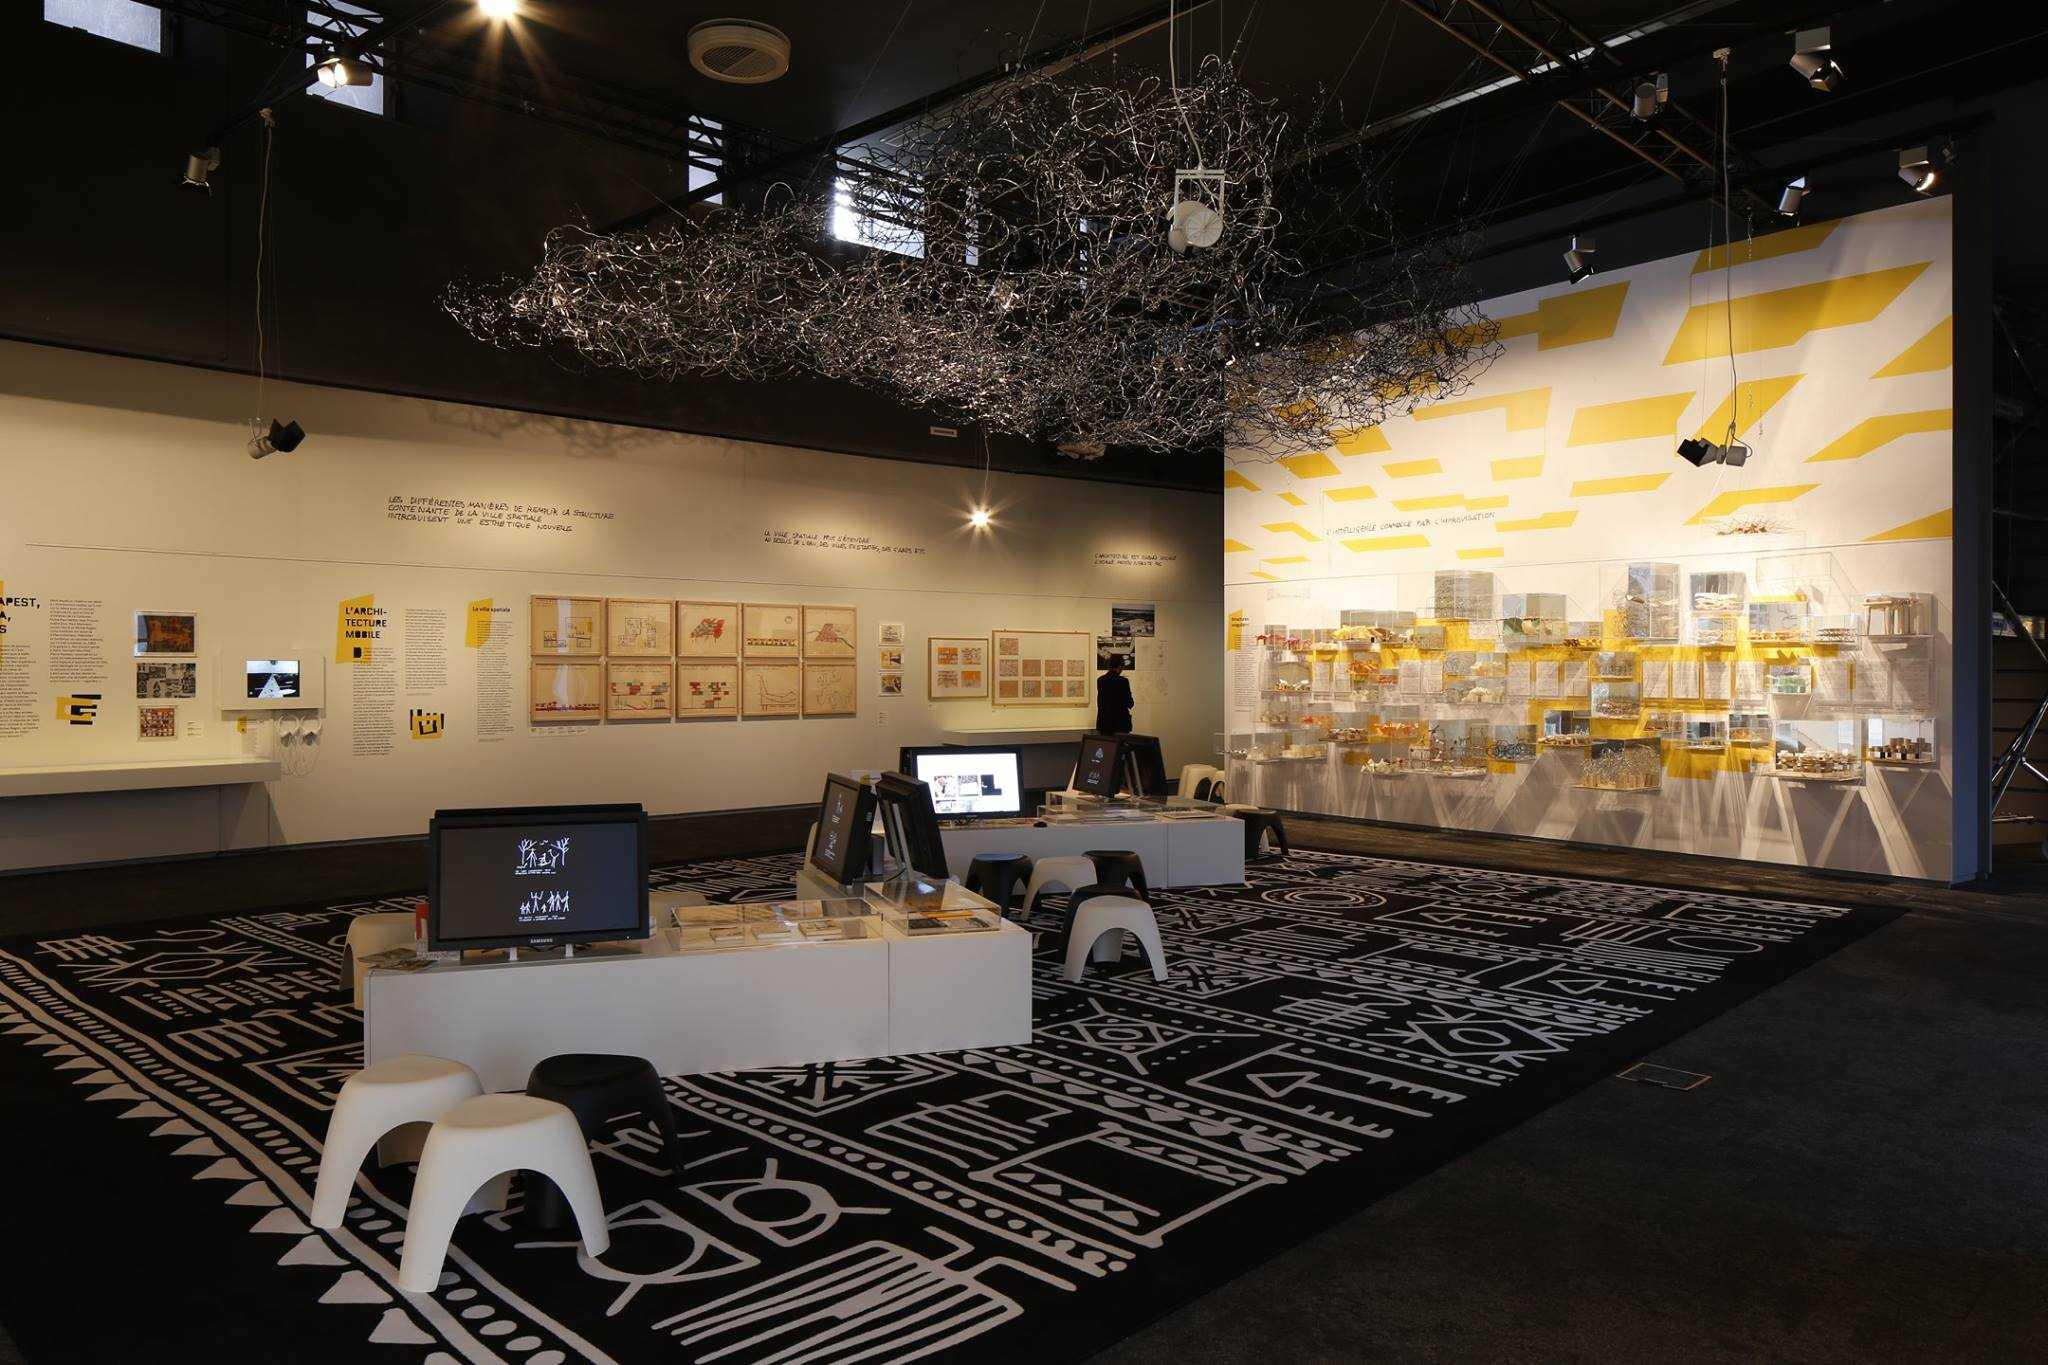 nuit europ enne des mus es la cit de l 39 architecture que faire paris. Black Bedroom Furniture Sets. Home Design Ideas